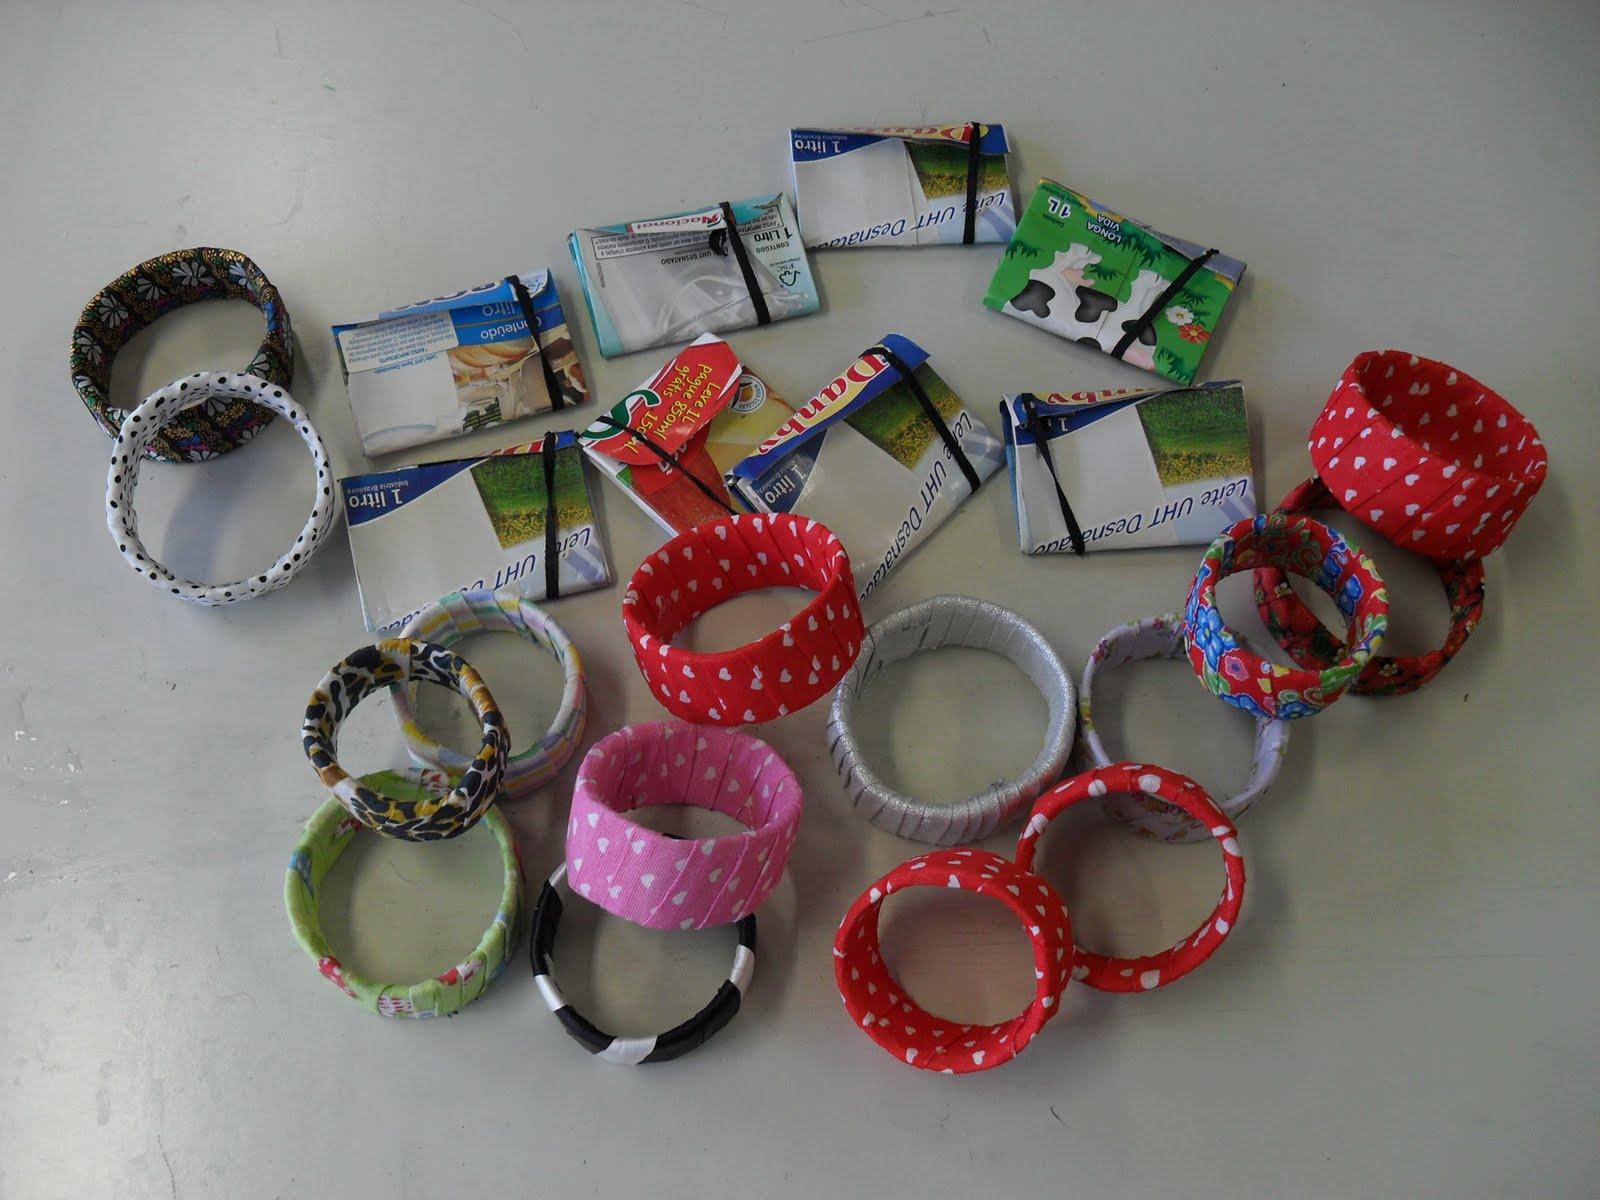 Aparador Suspenso Como Fazer ~ Reciclagem e Arte Artesanato Sustentável por u00b4Maíra Fontoura Oficina com Tetra Pak